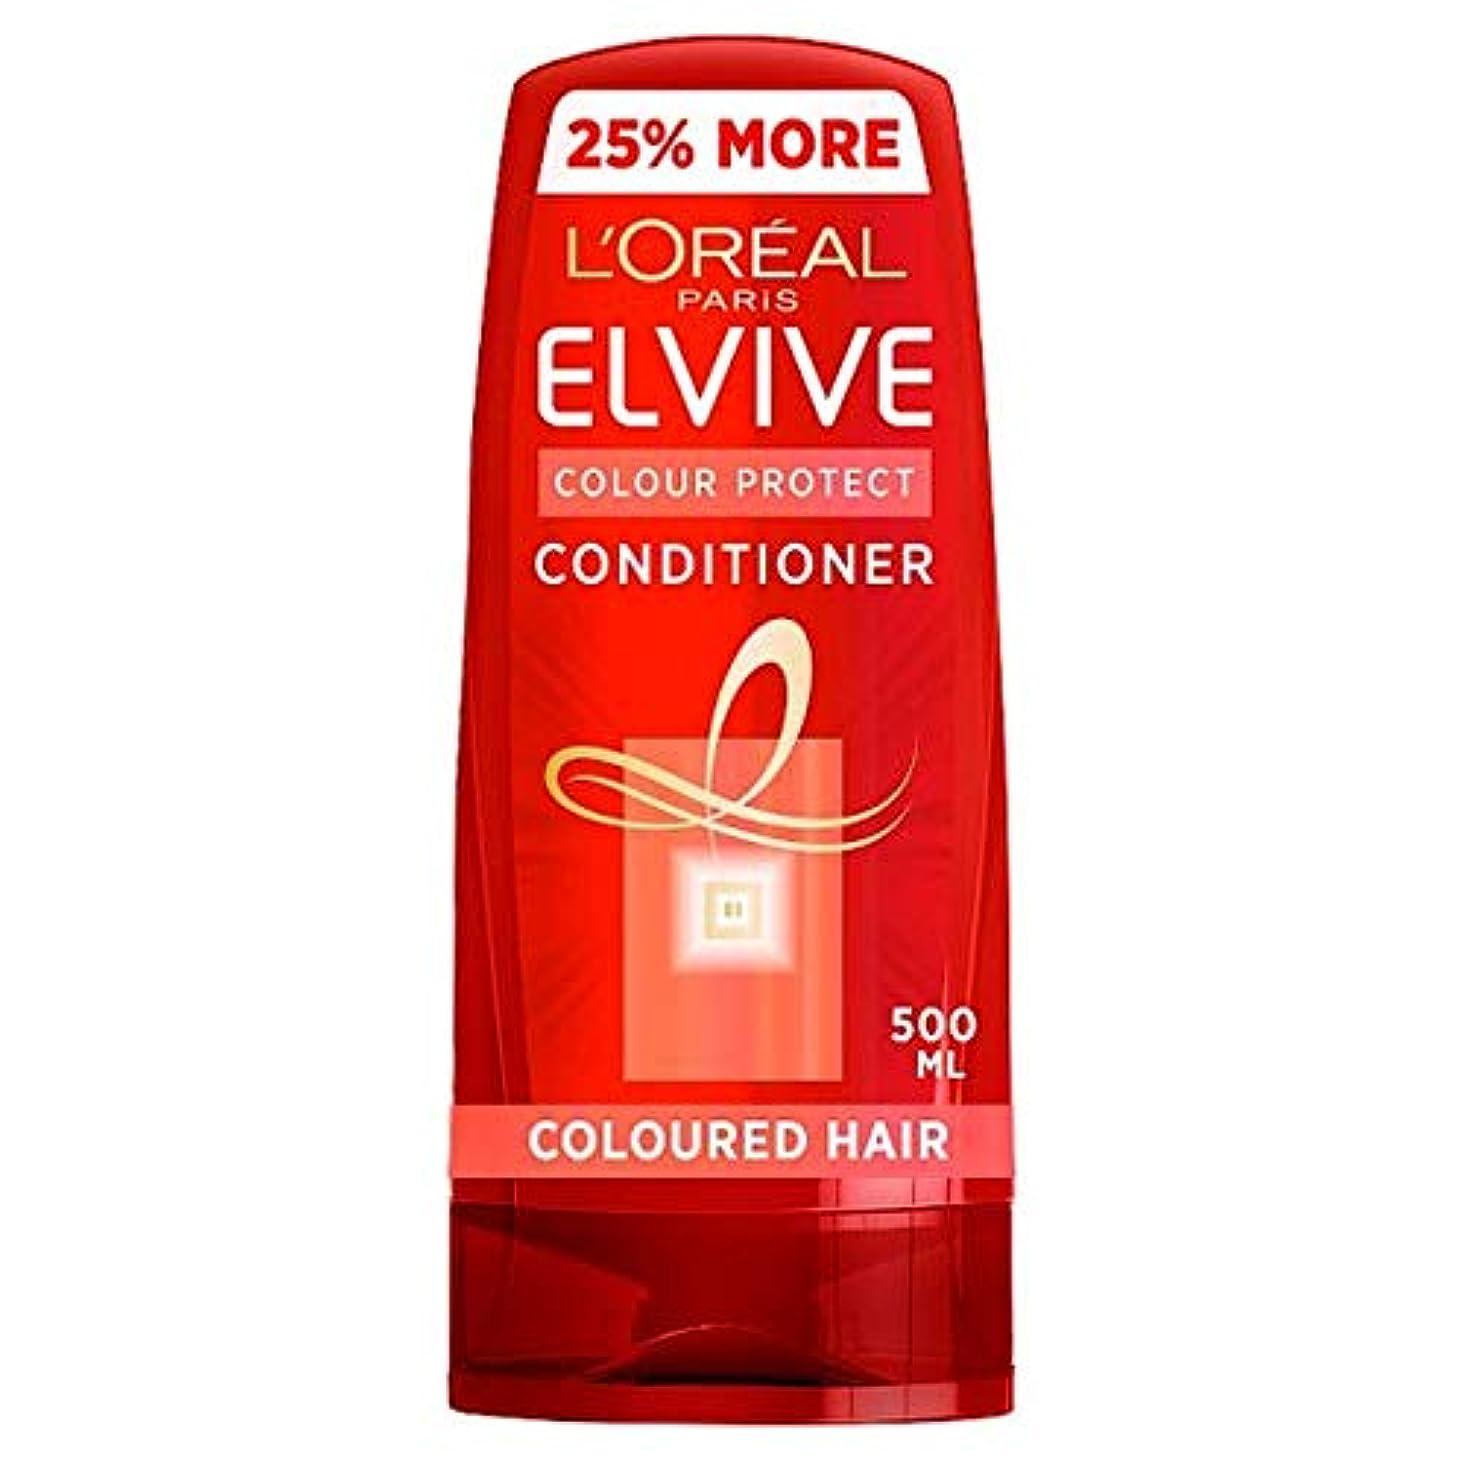 結婚式変化また明日ね[Elvive] ロレアルのElviveの色は、着色ヘアコンディショナー500ミリリットルを保護します - L'oreal Elvive Colour Protect Coloured Hair Conditioner...